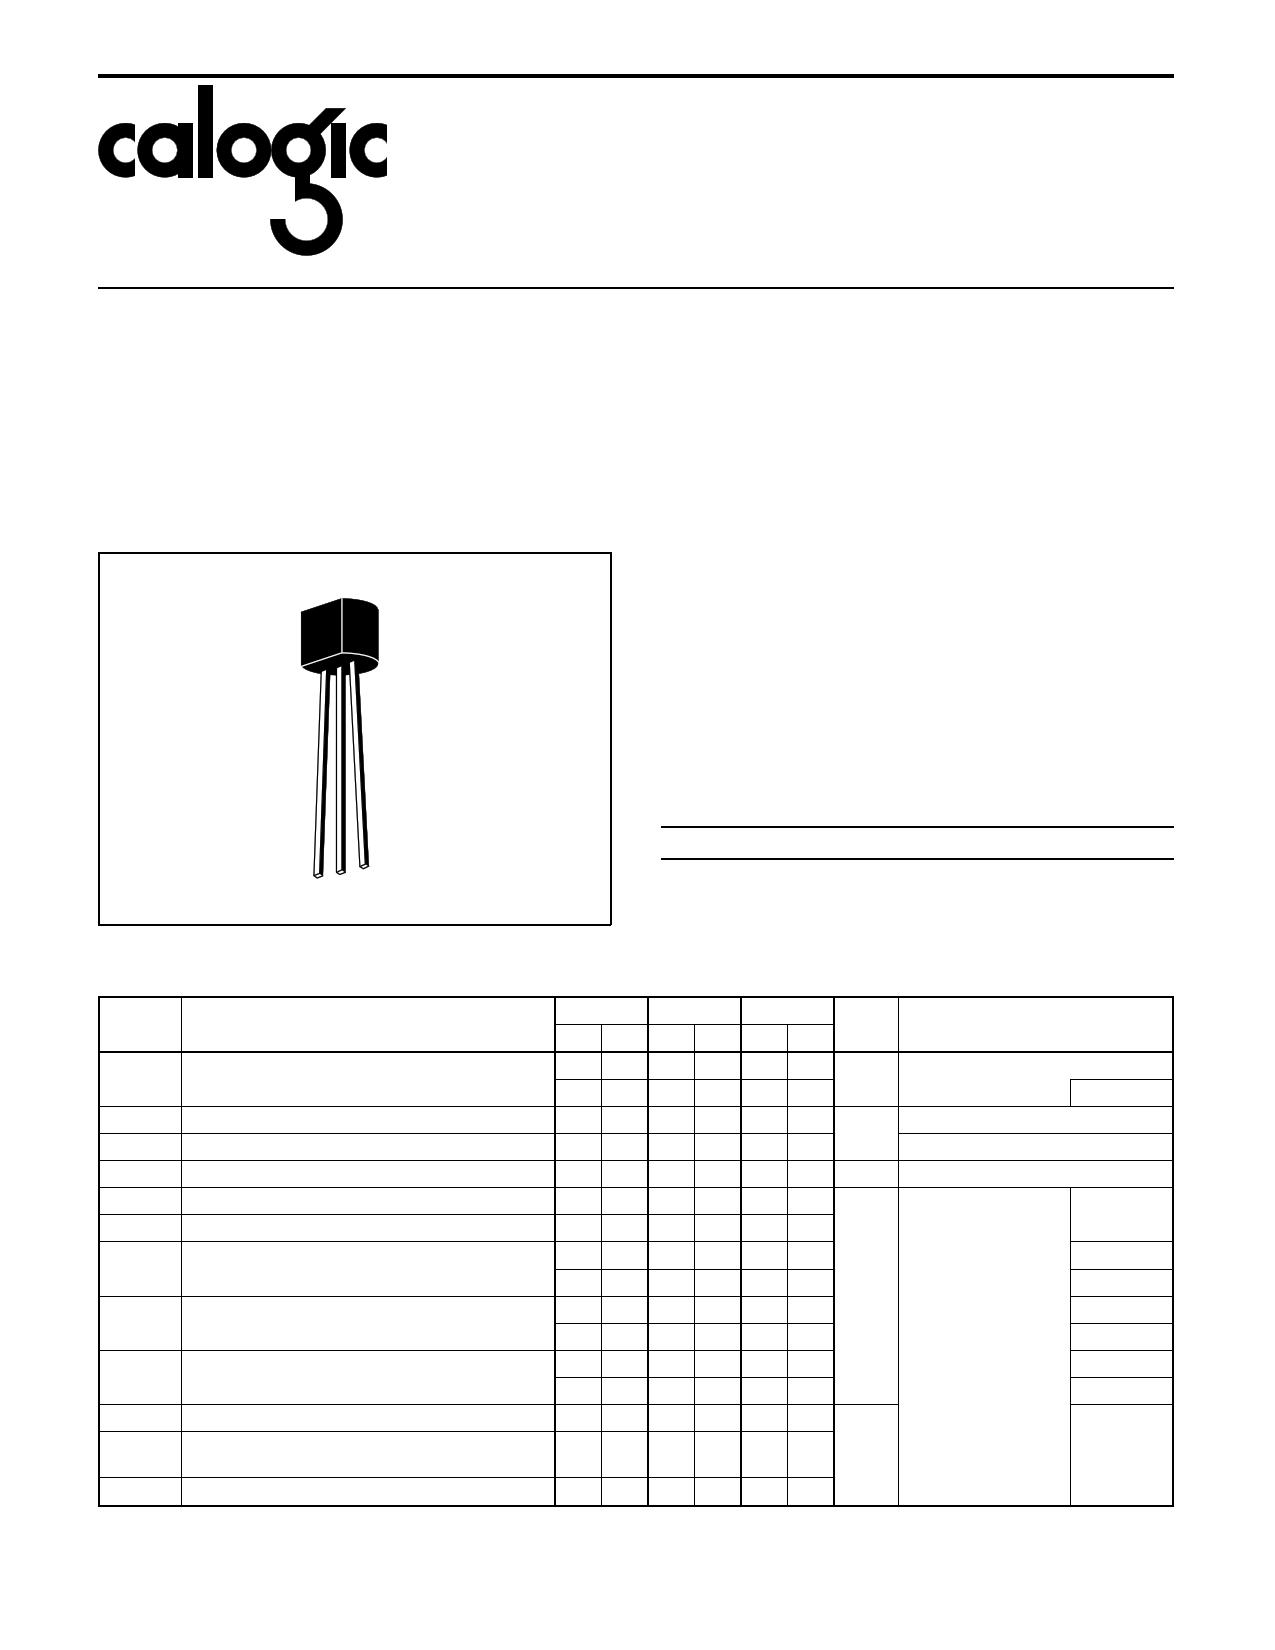 2N5484 Datasheet, 2N5484 PDF,ピン配置, 機能